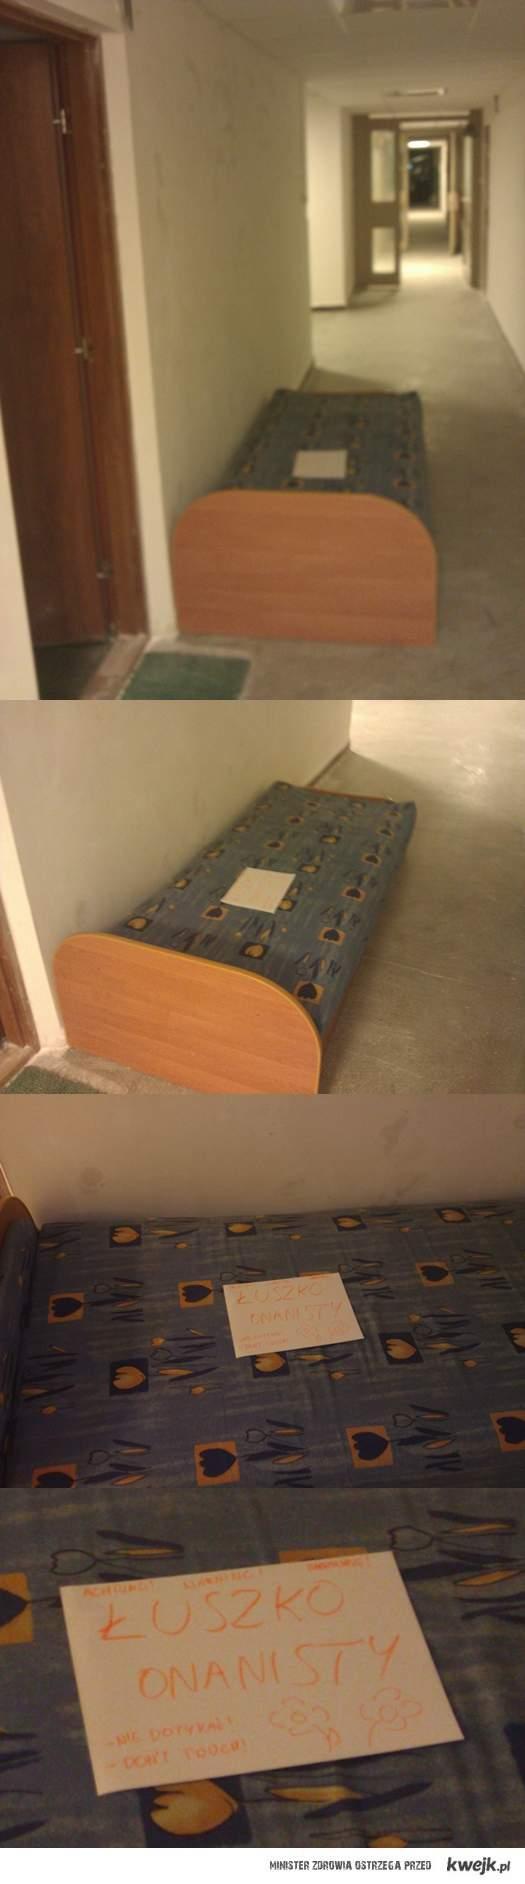 ŁÓŻKO ONANISTY W 15-piętrowym bloku xD